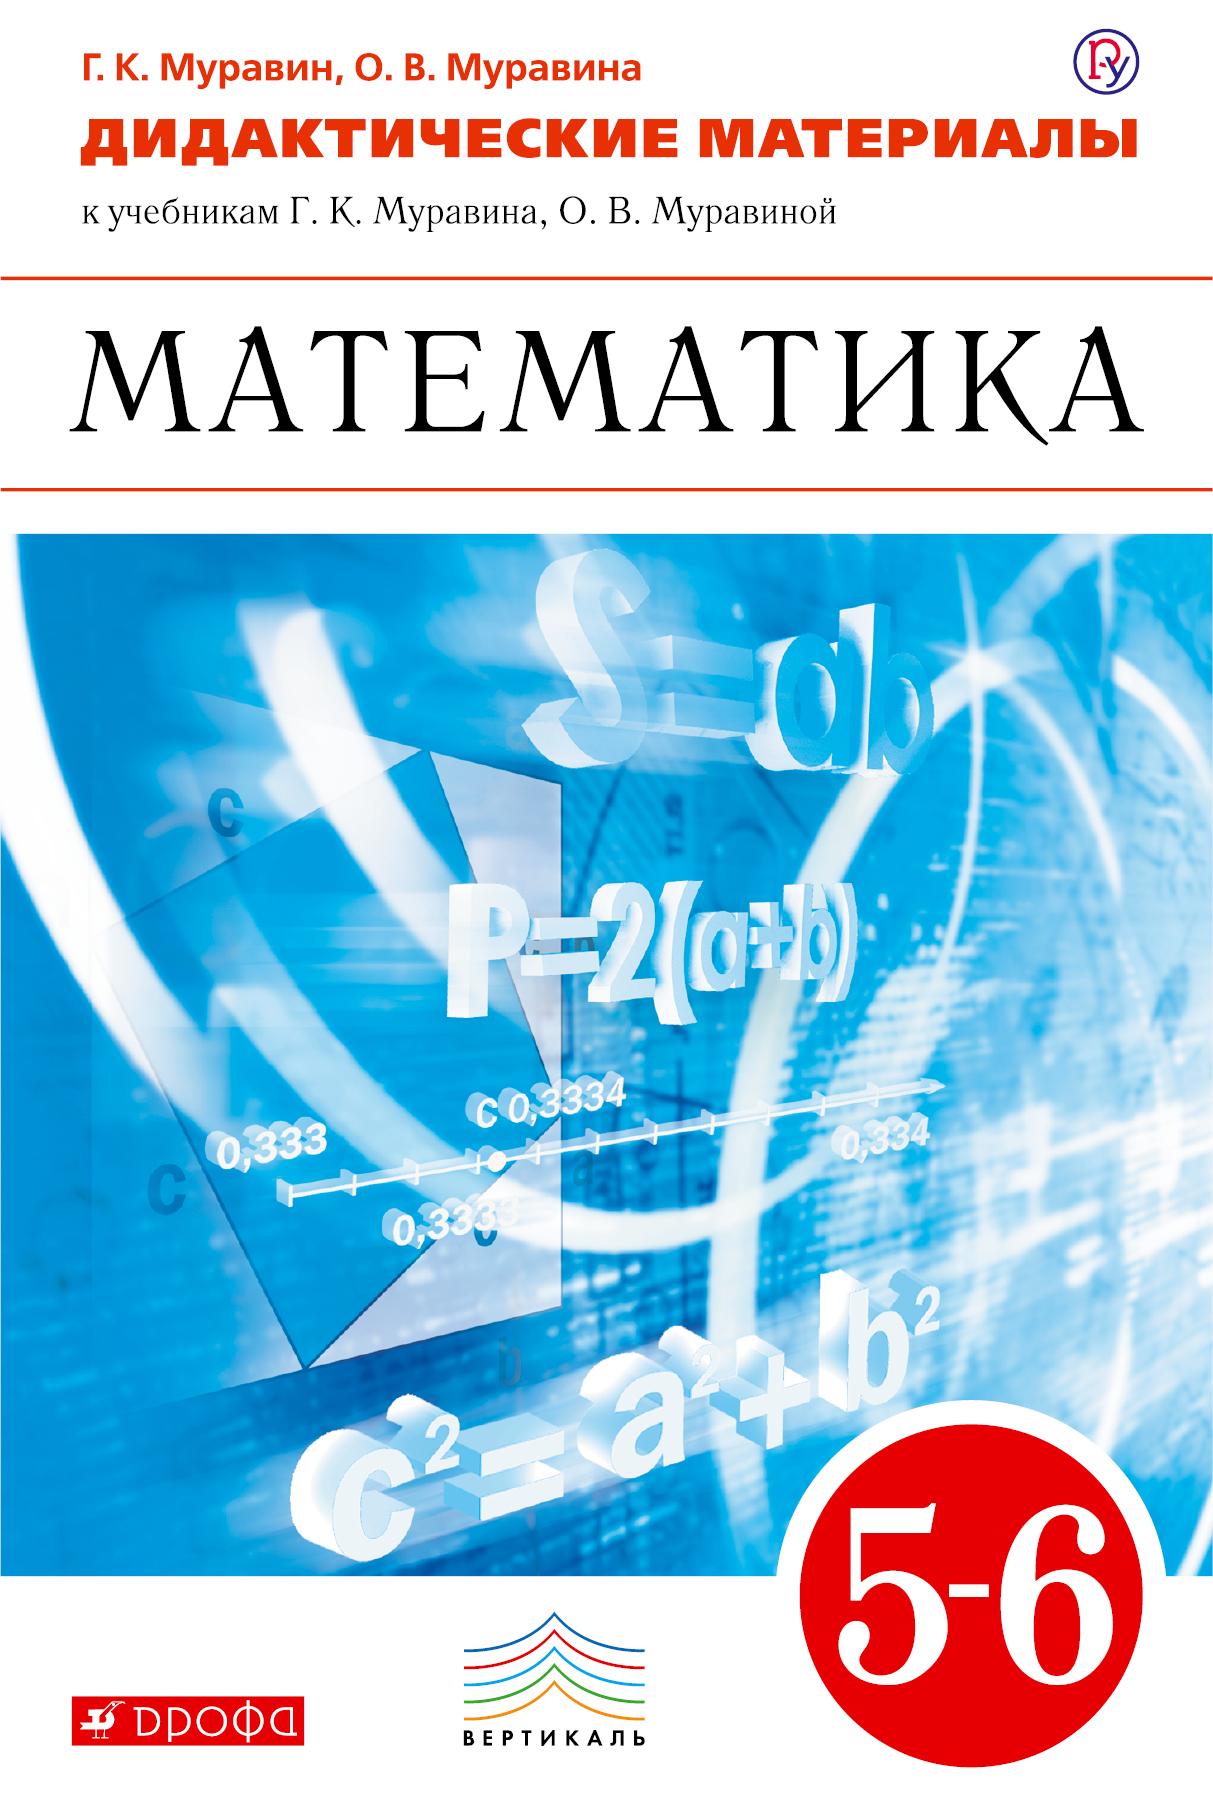 Муравин Г.К., Муравина О.В. Математика. 5-6 классы. Дидактические материалы. о в муравина математика 5–9 классы рабочие программы